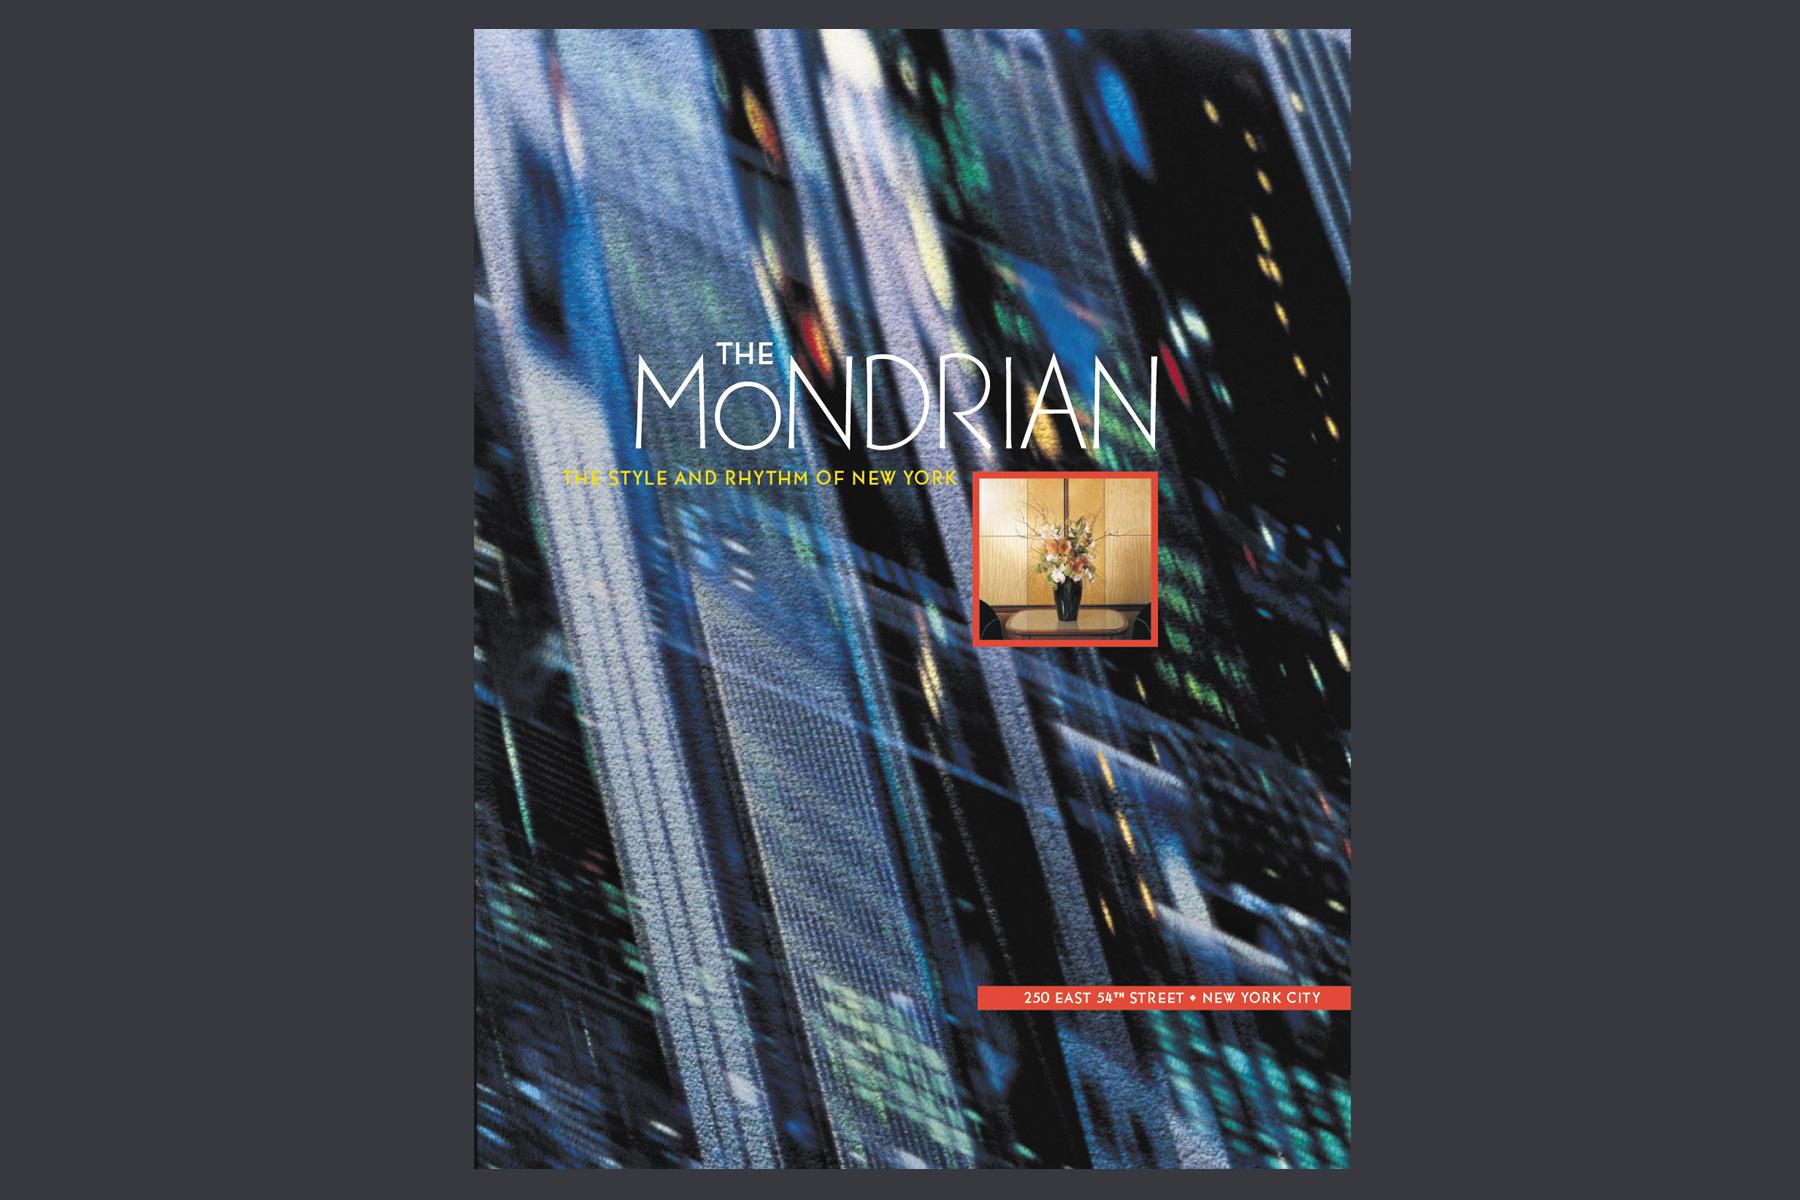 mondrian-1800x1200